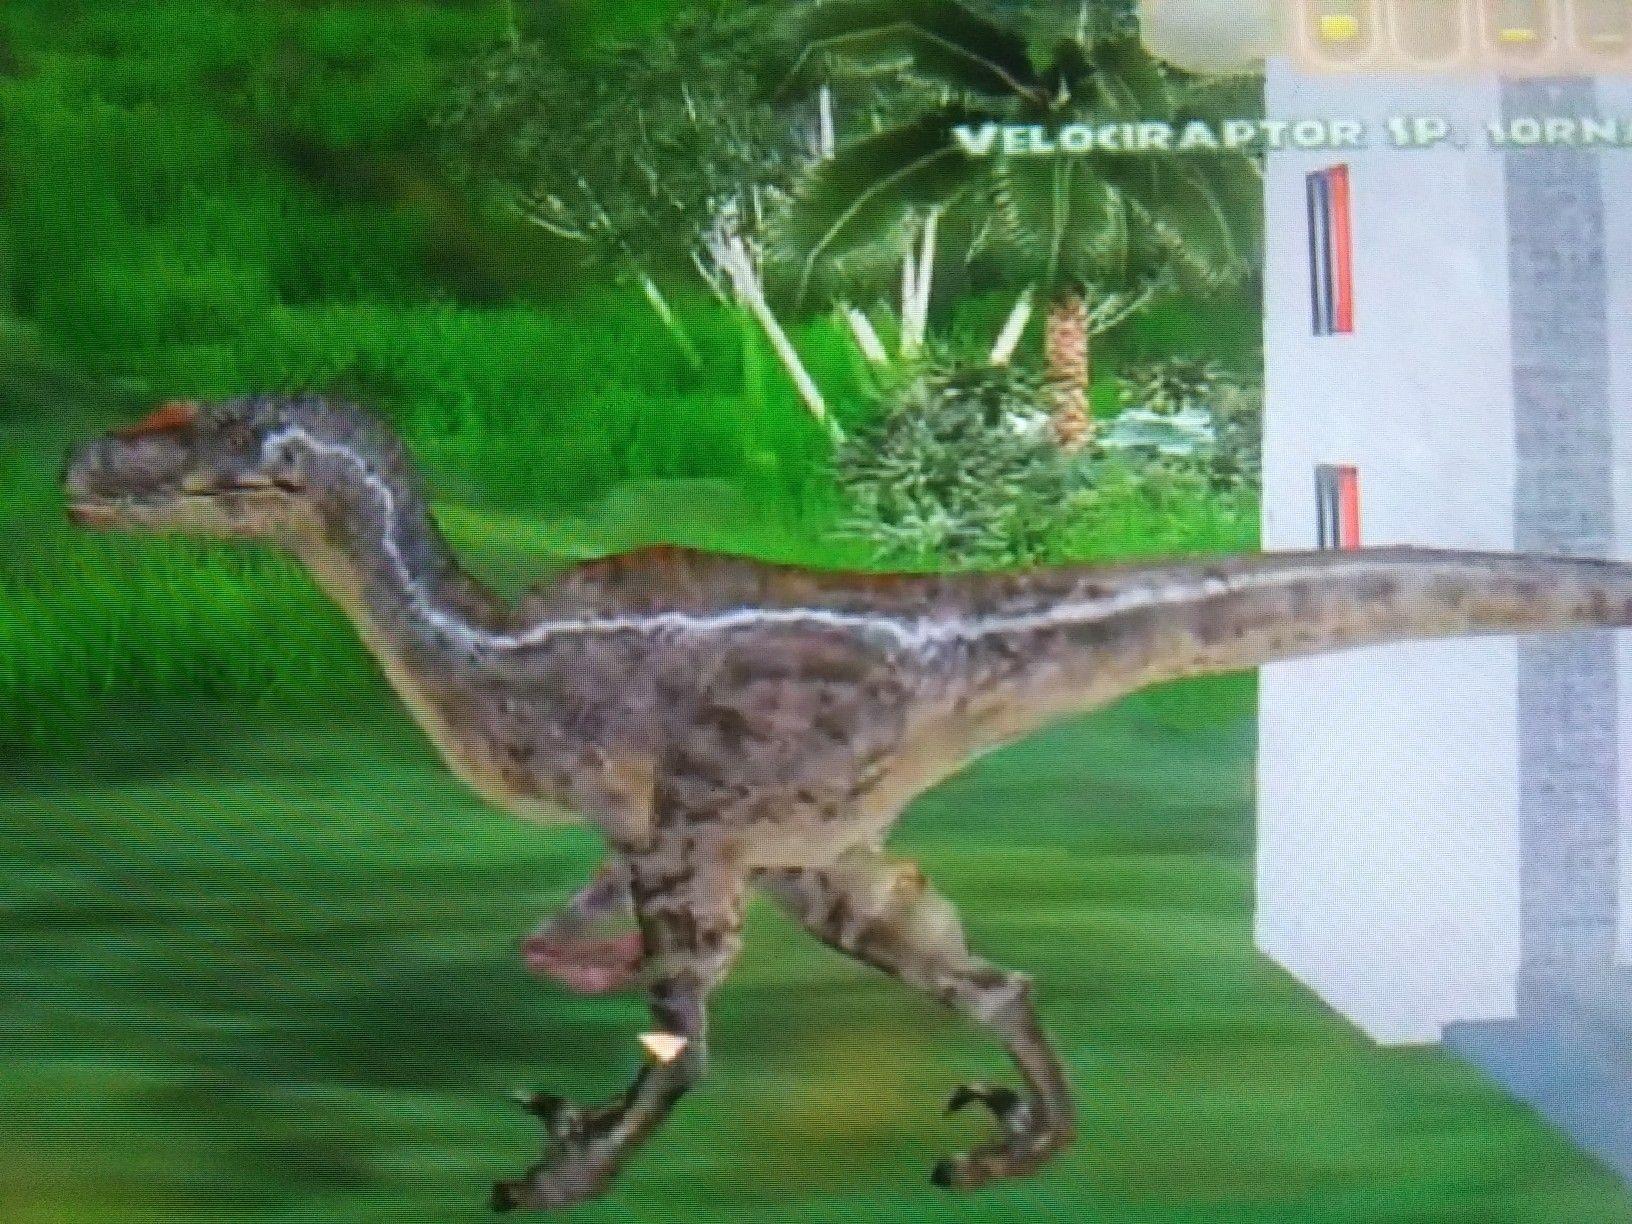 (Jurassic park 3 in 2020 Jurassic park 3 dinosaurs